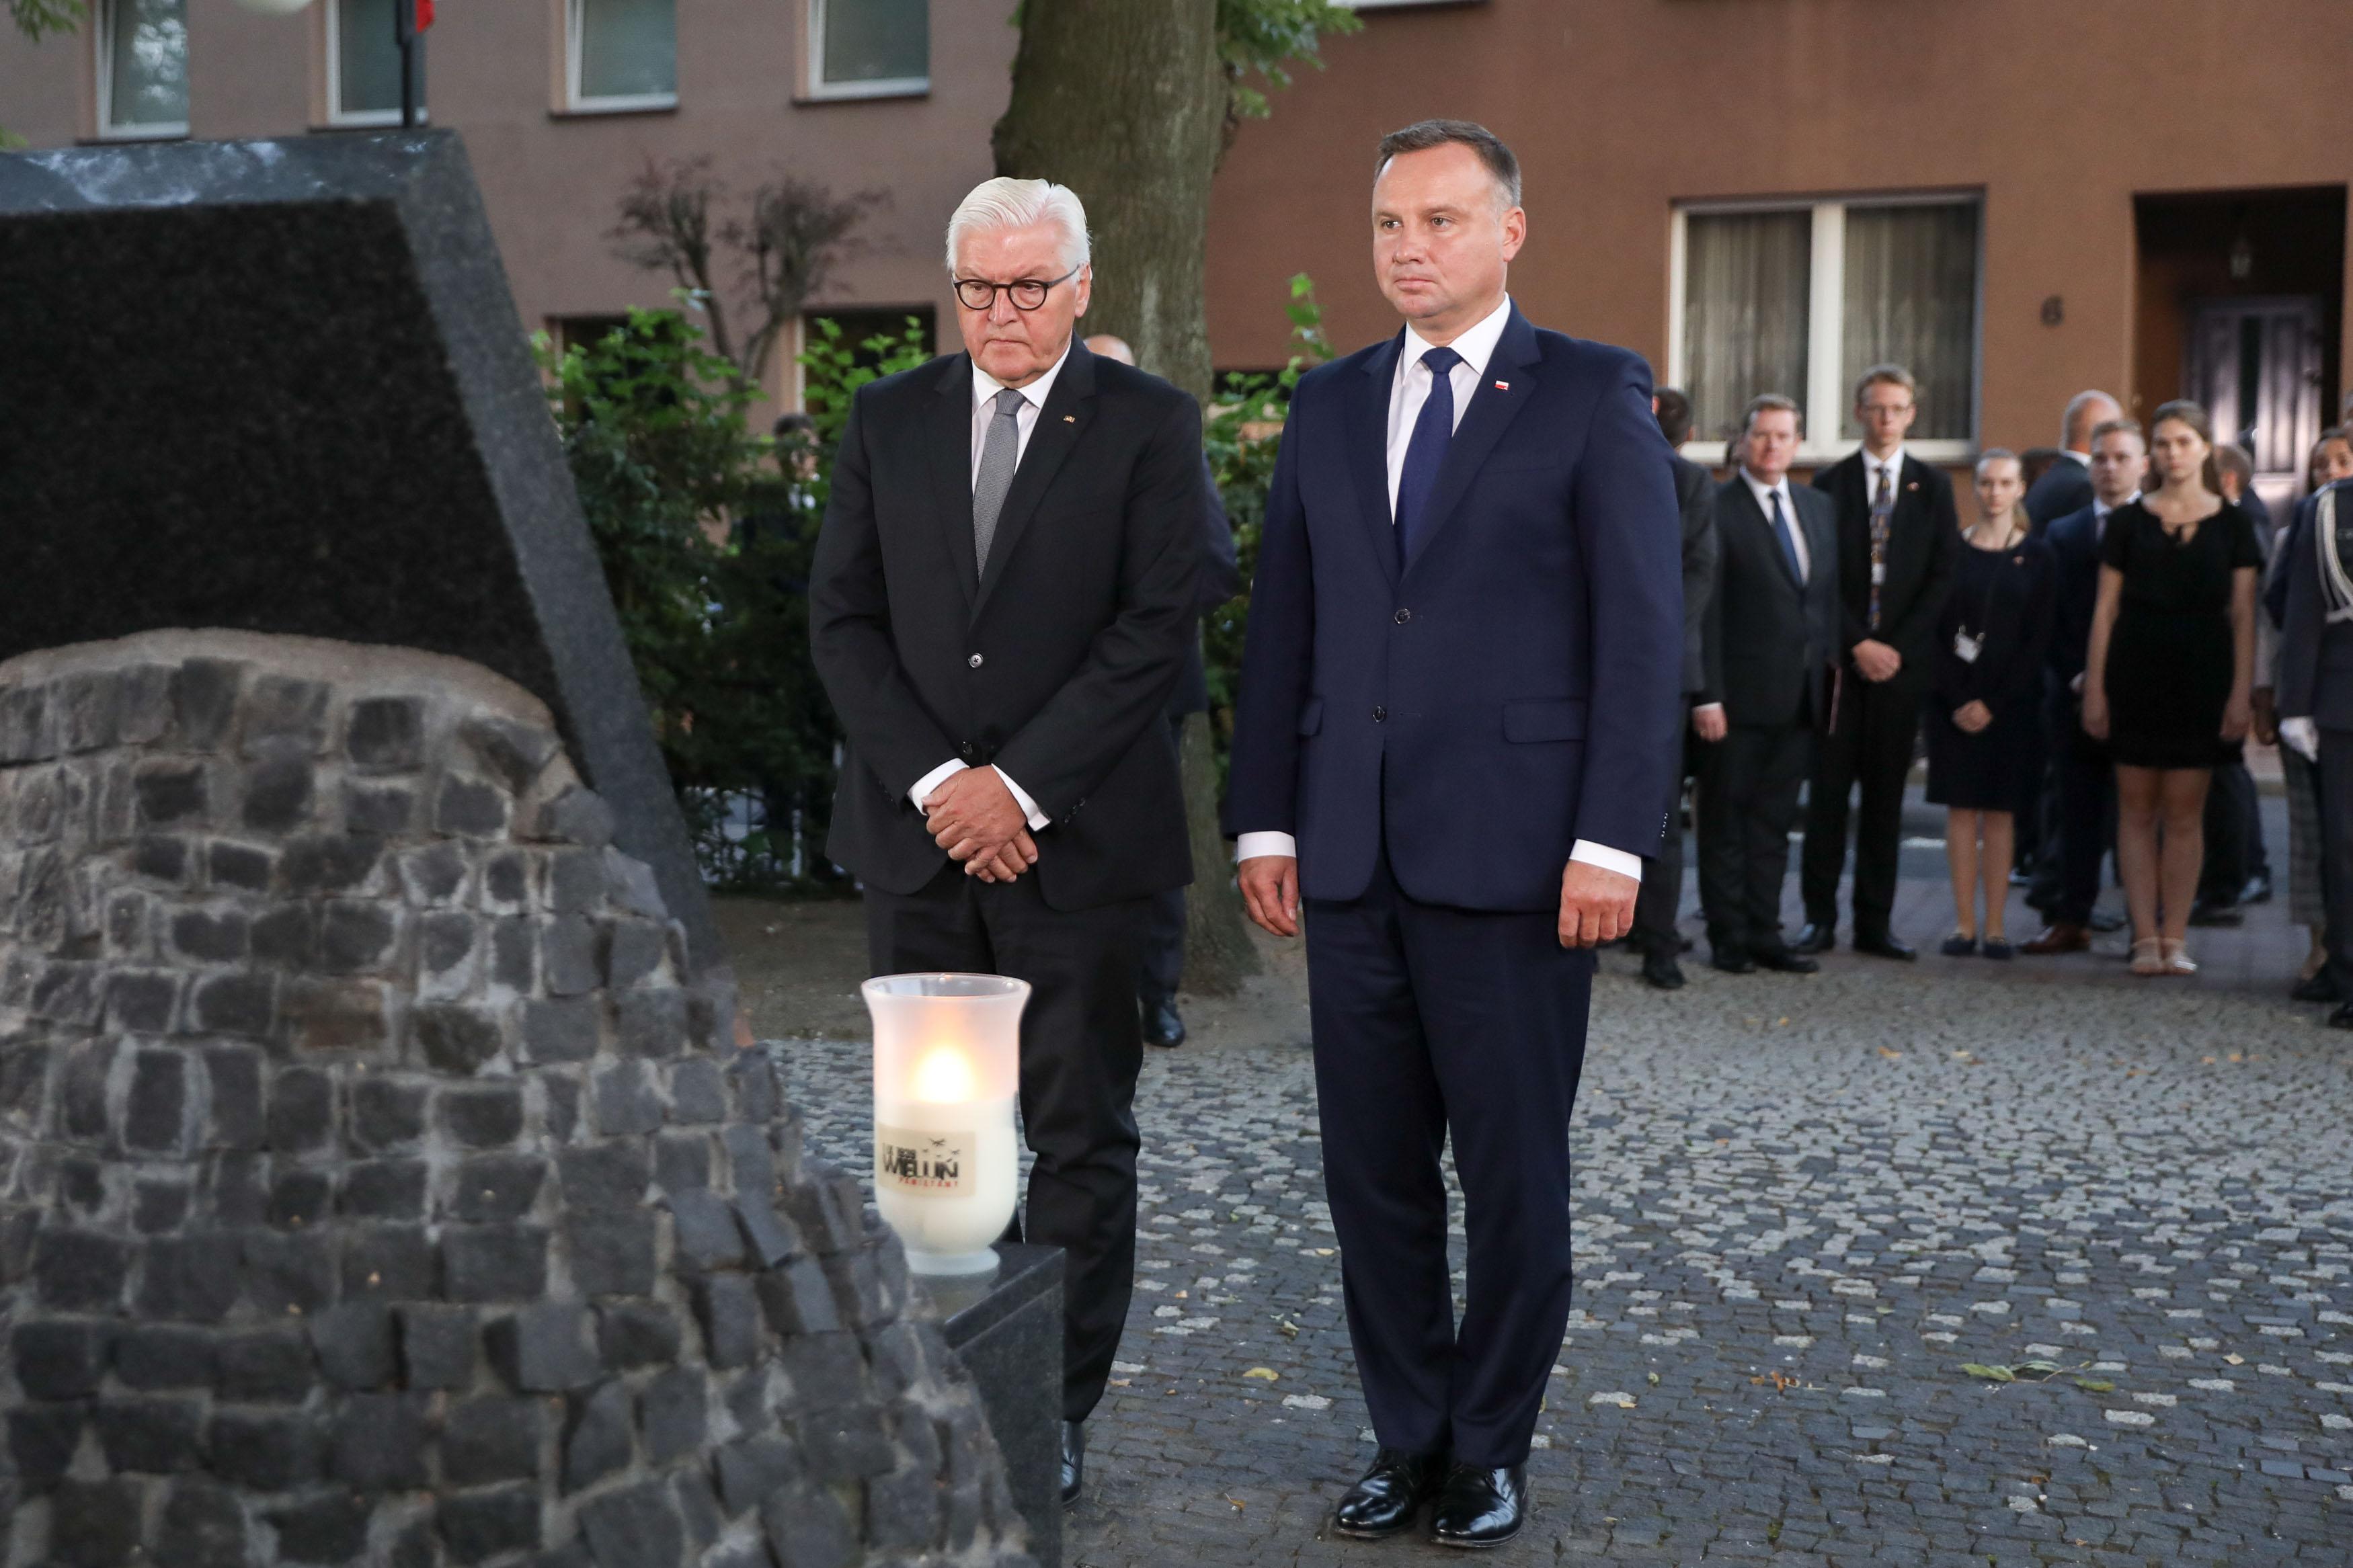 الرئيس الألماني فرانك فالتر شتاينماير والرئيس البولندي اندريه دودا خلال المراسم التي جرت في فيلون